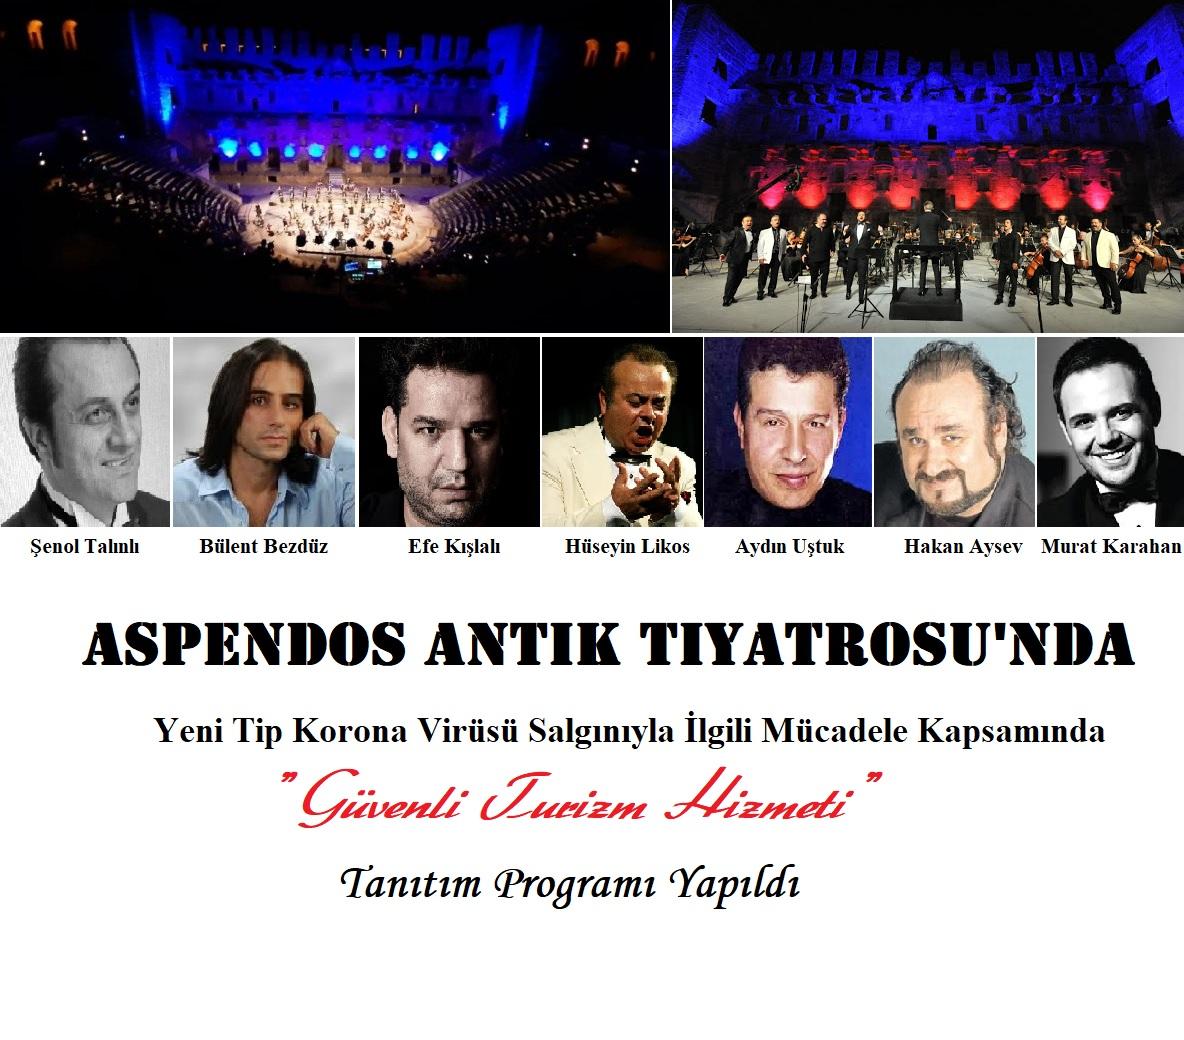 Aspendos Antik Tiyatrosu'nda 51 Ülkenin Büyükelçisine 7 Tenor Konser Verdi